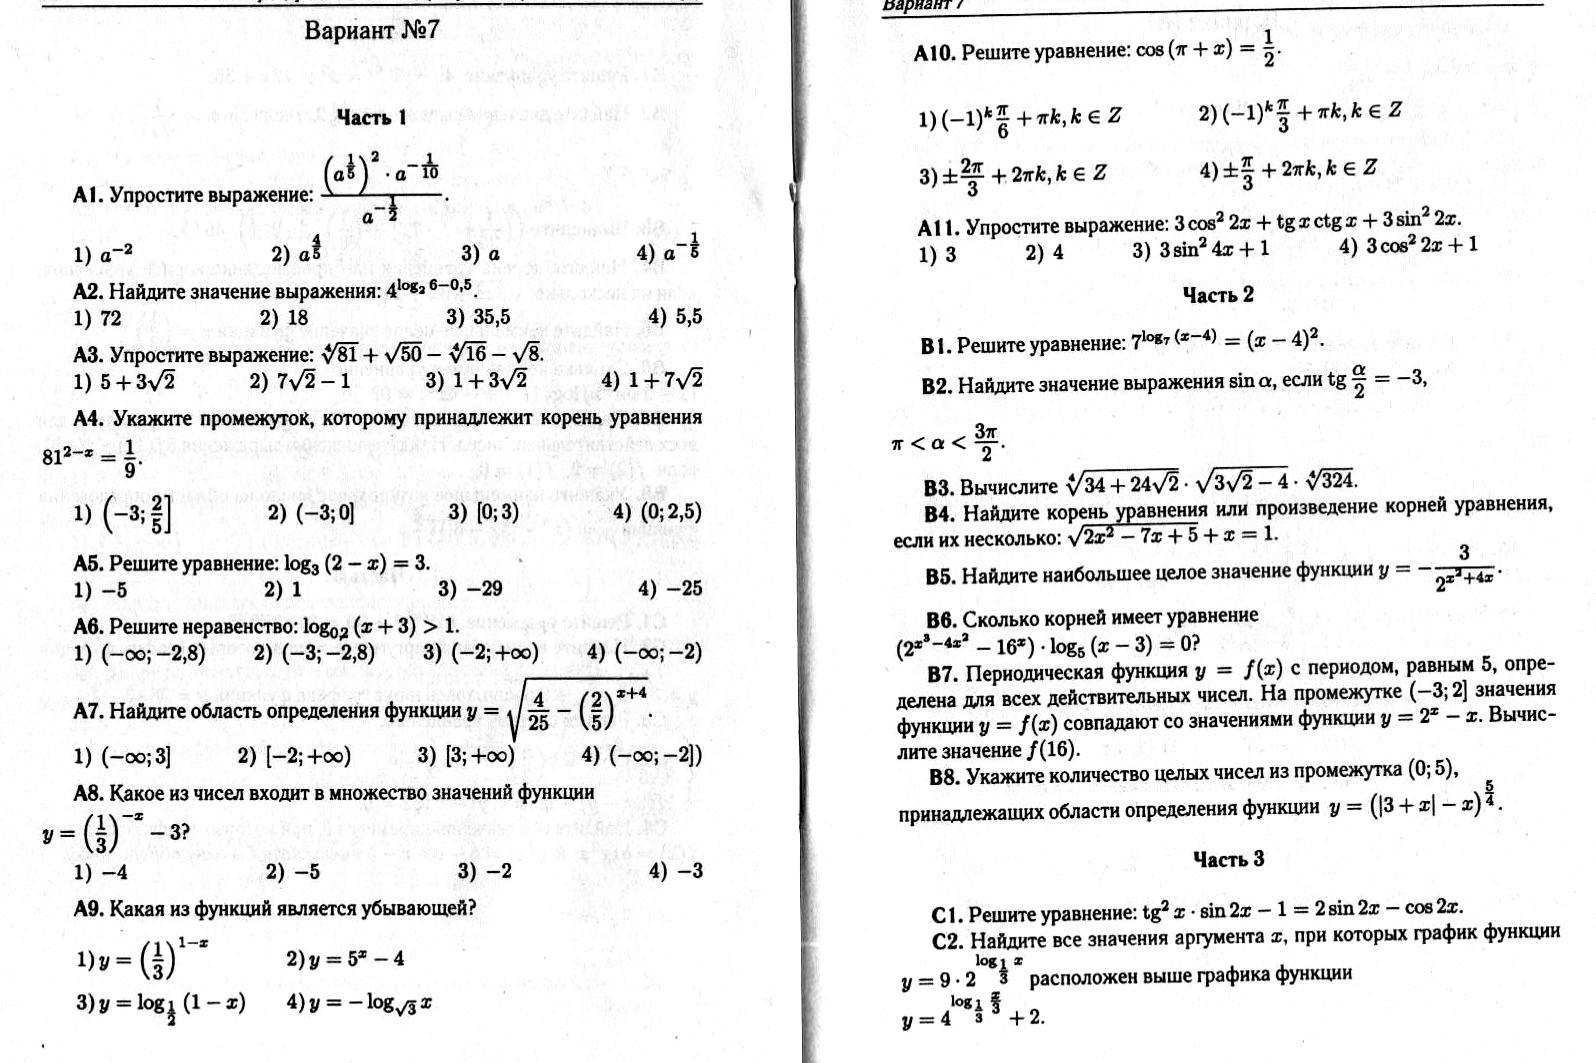 контрольная работа по химии примените принцип паули